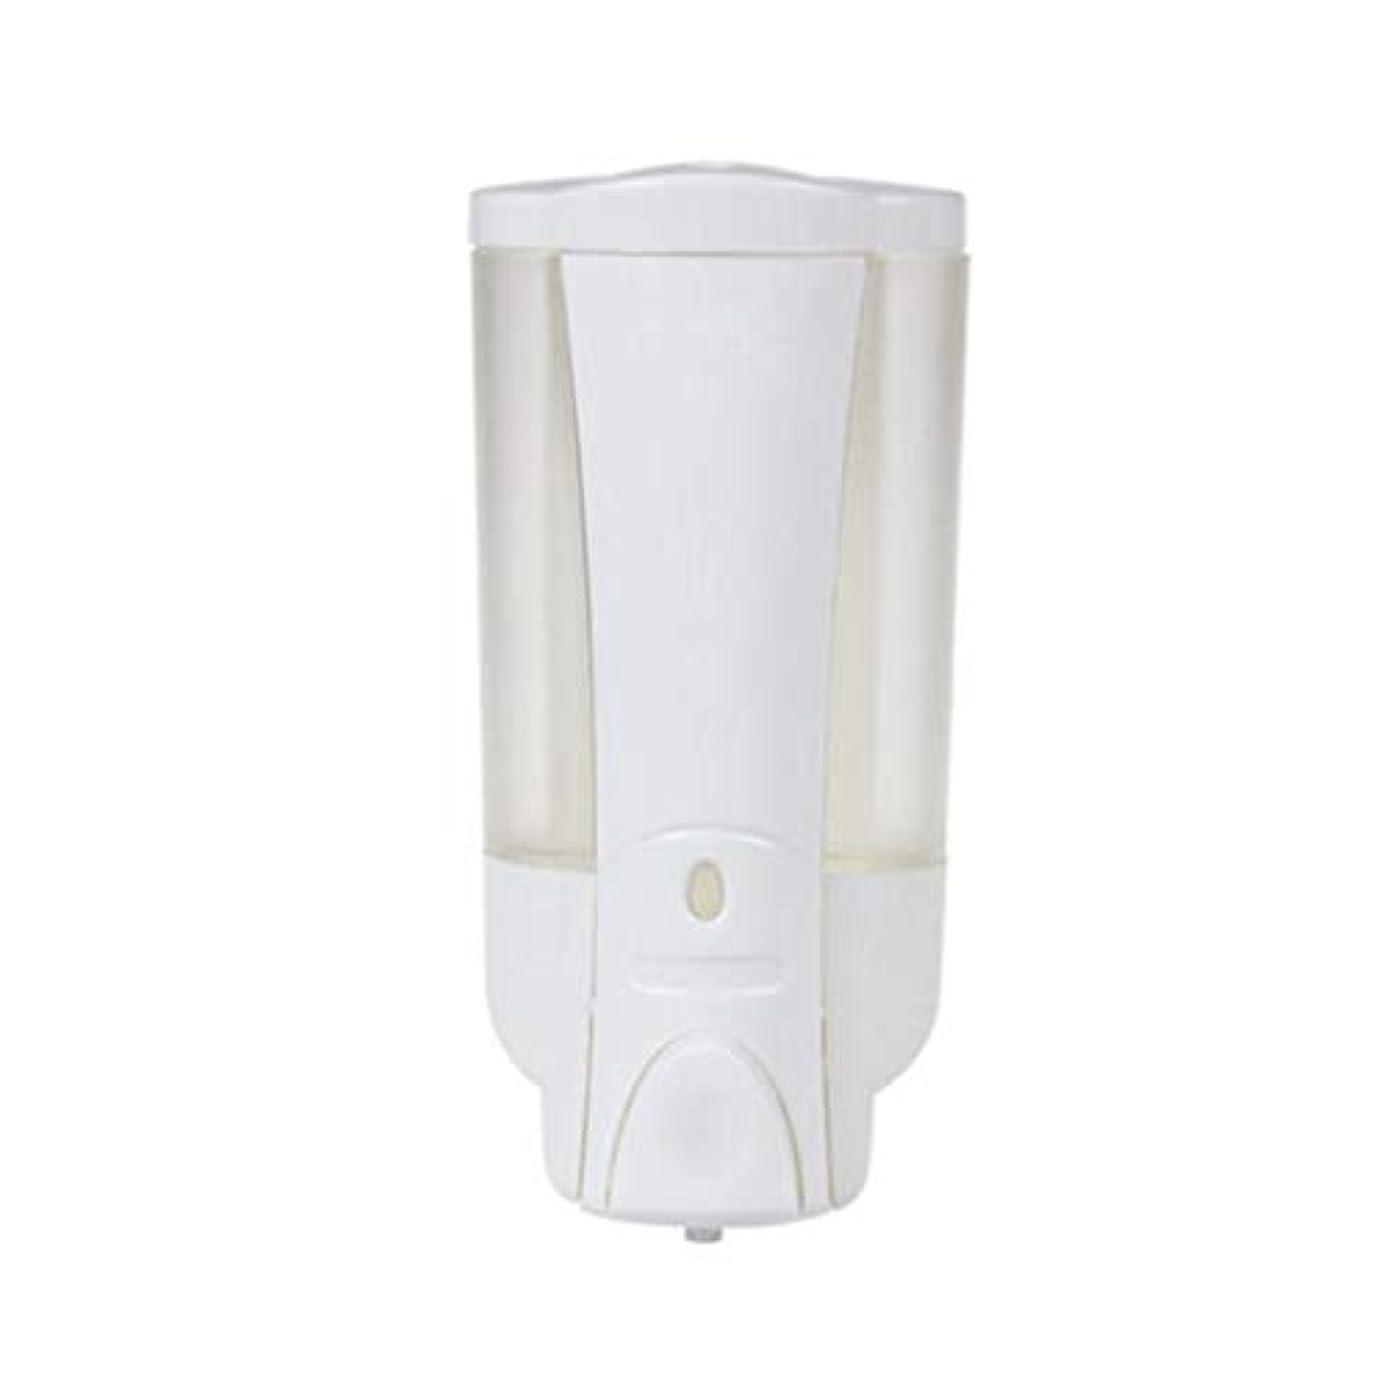 許可いう和解するKylinssh 泡立つ石鹸ディスペンサー450ml容量、石鹸、DIY液体石鹸、皿石鹸、ボディウォッシュなどに使用するための空のプラスチック液体石鹸ポンプボトル